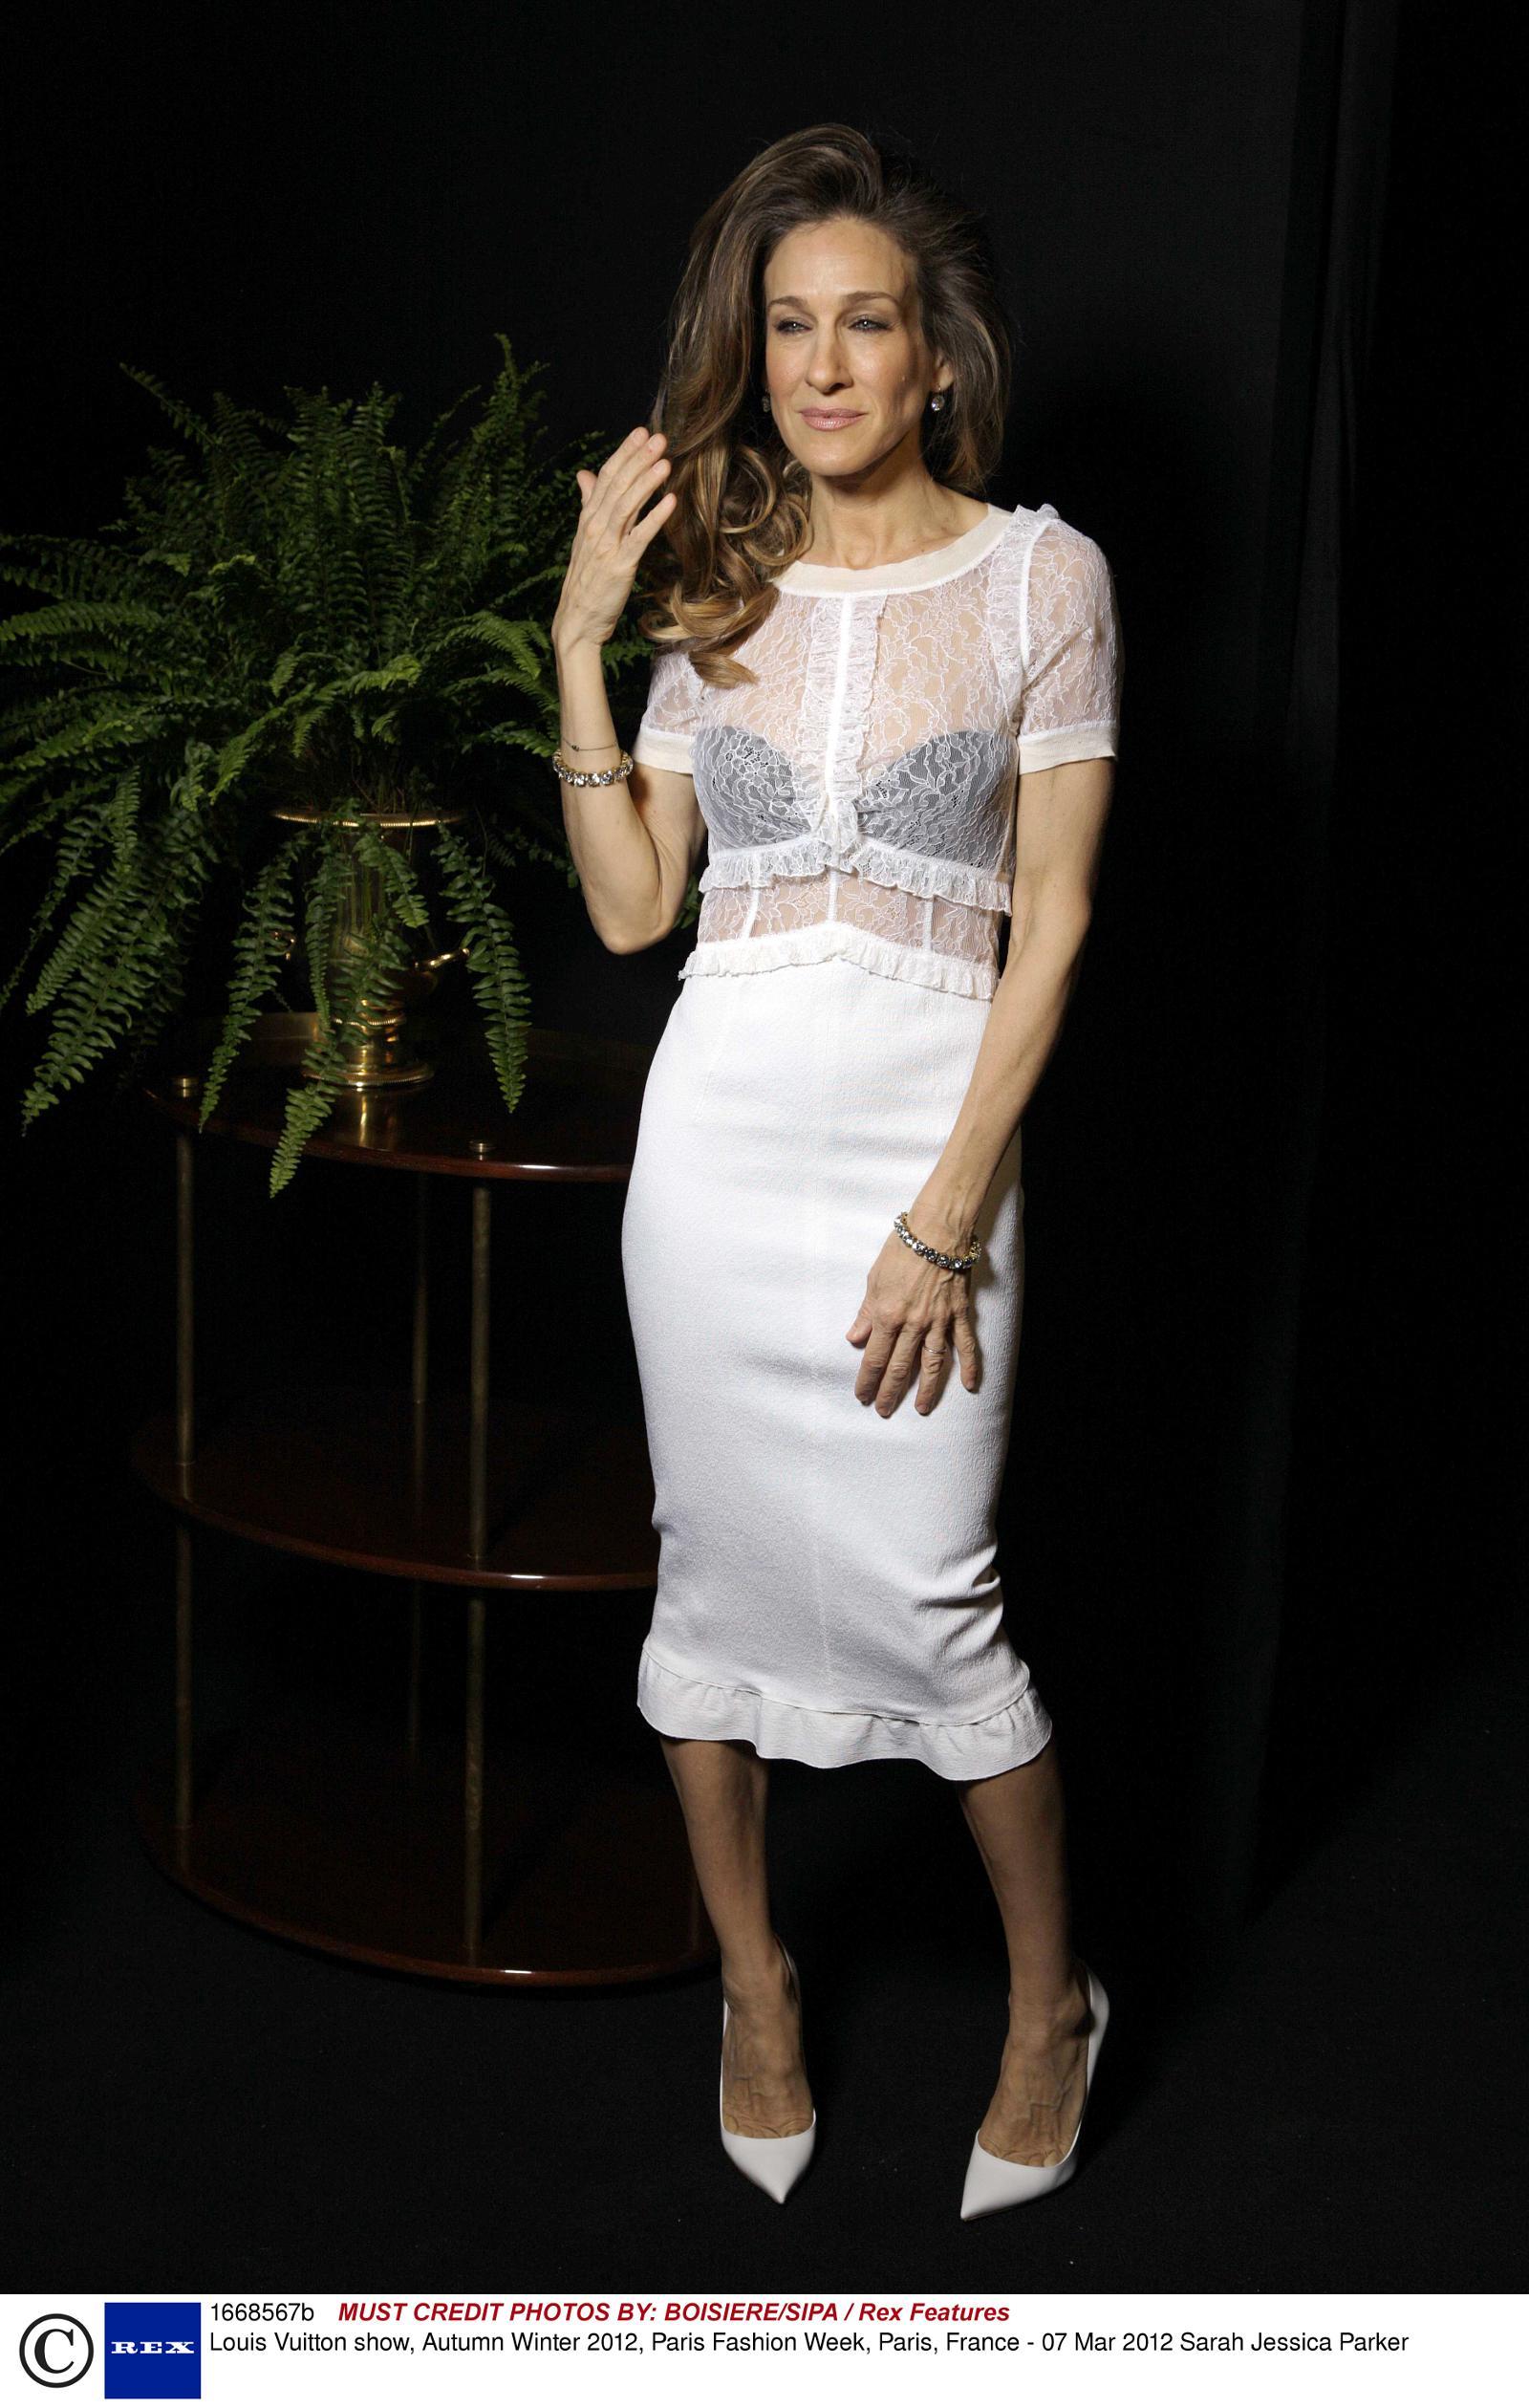 showbiz: sarah jessica parker at paris fashion week 2012